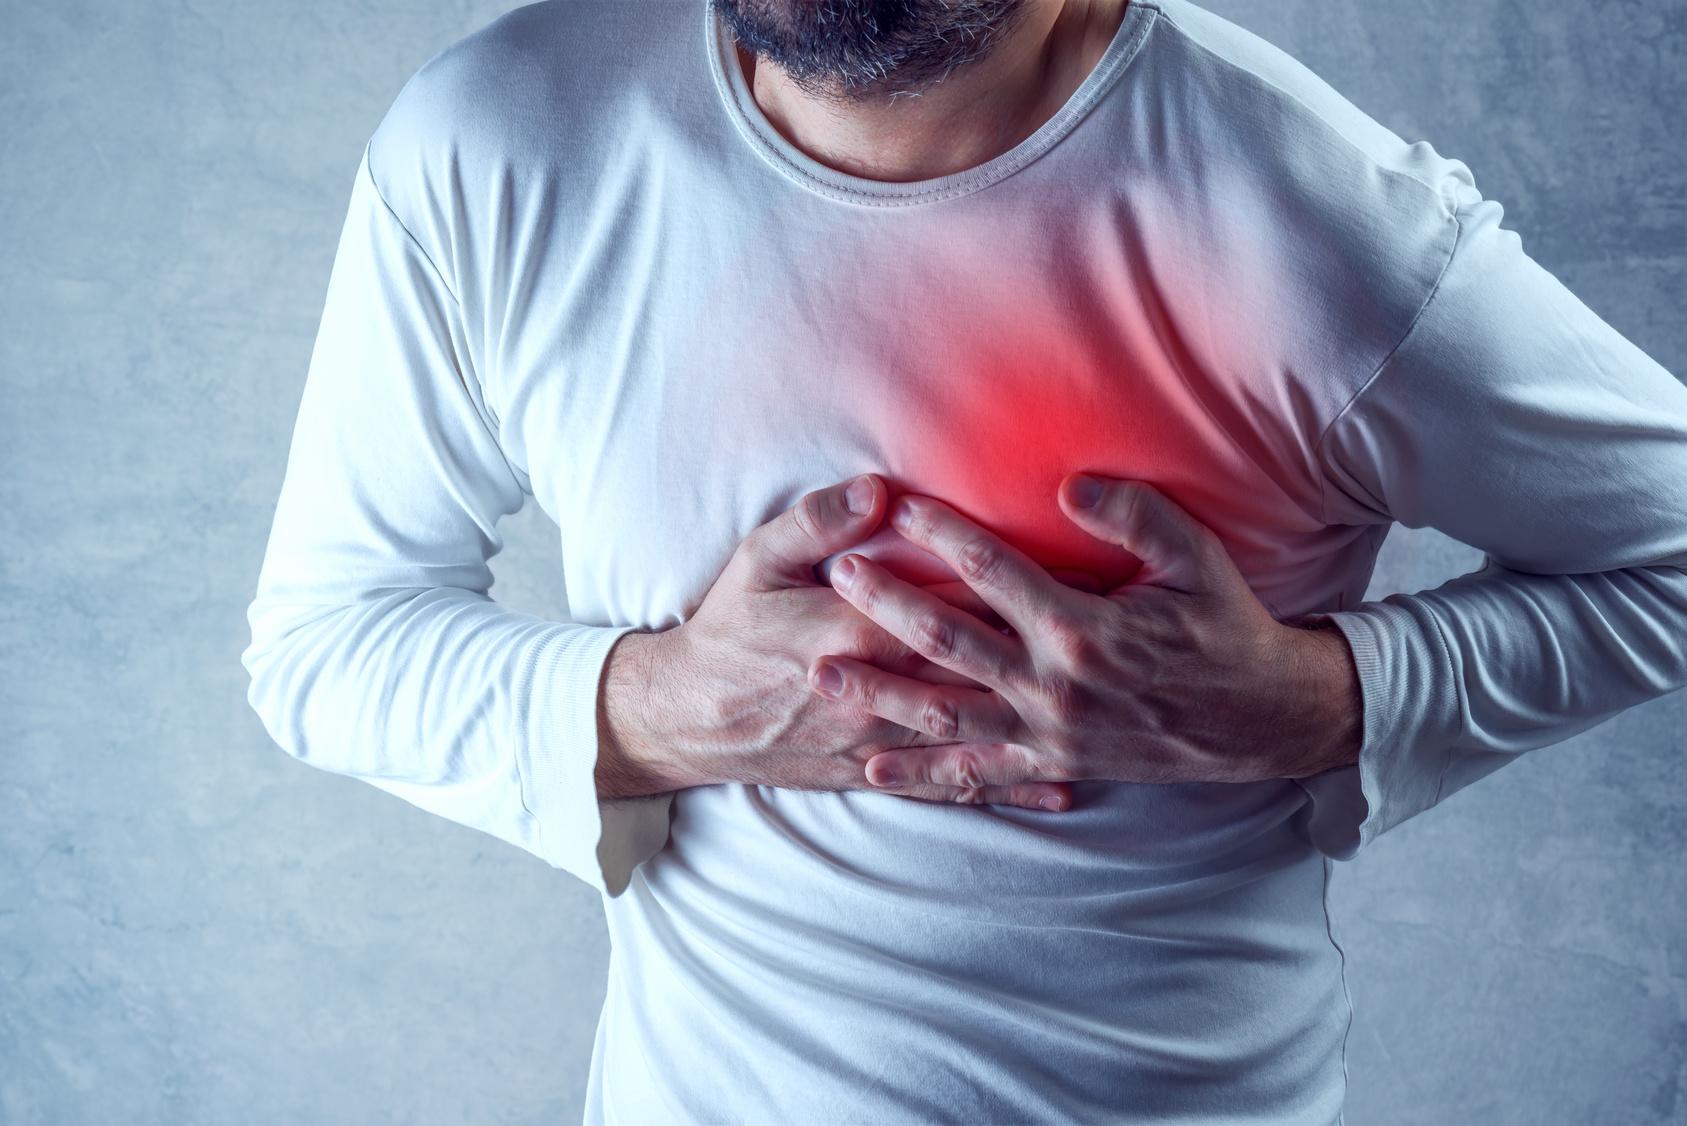 心筋梗塞などに対する冠動脈バイパス術では手術件数が多い名医ほど死亡率が低い!